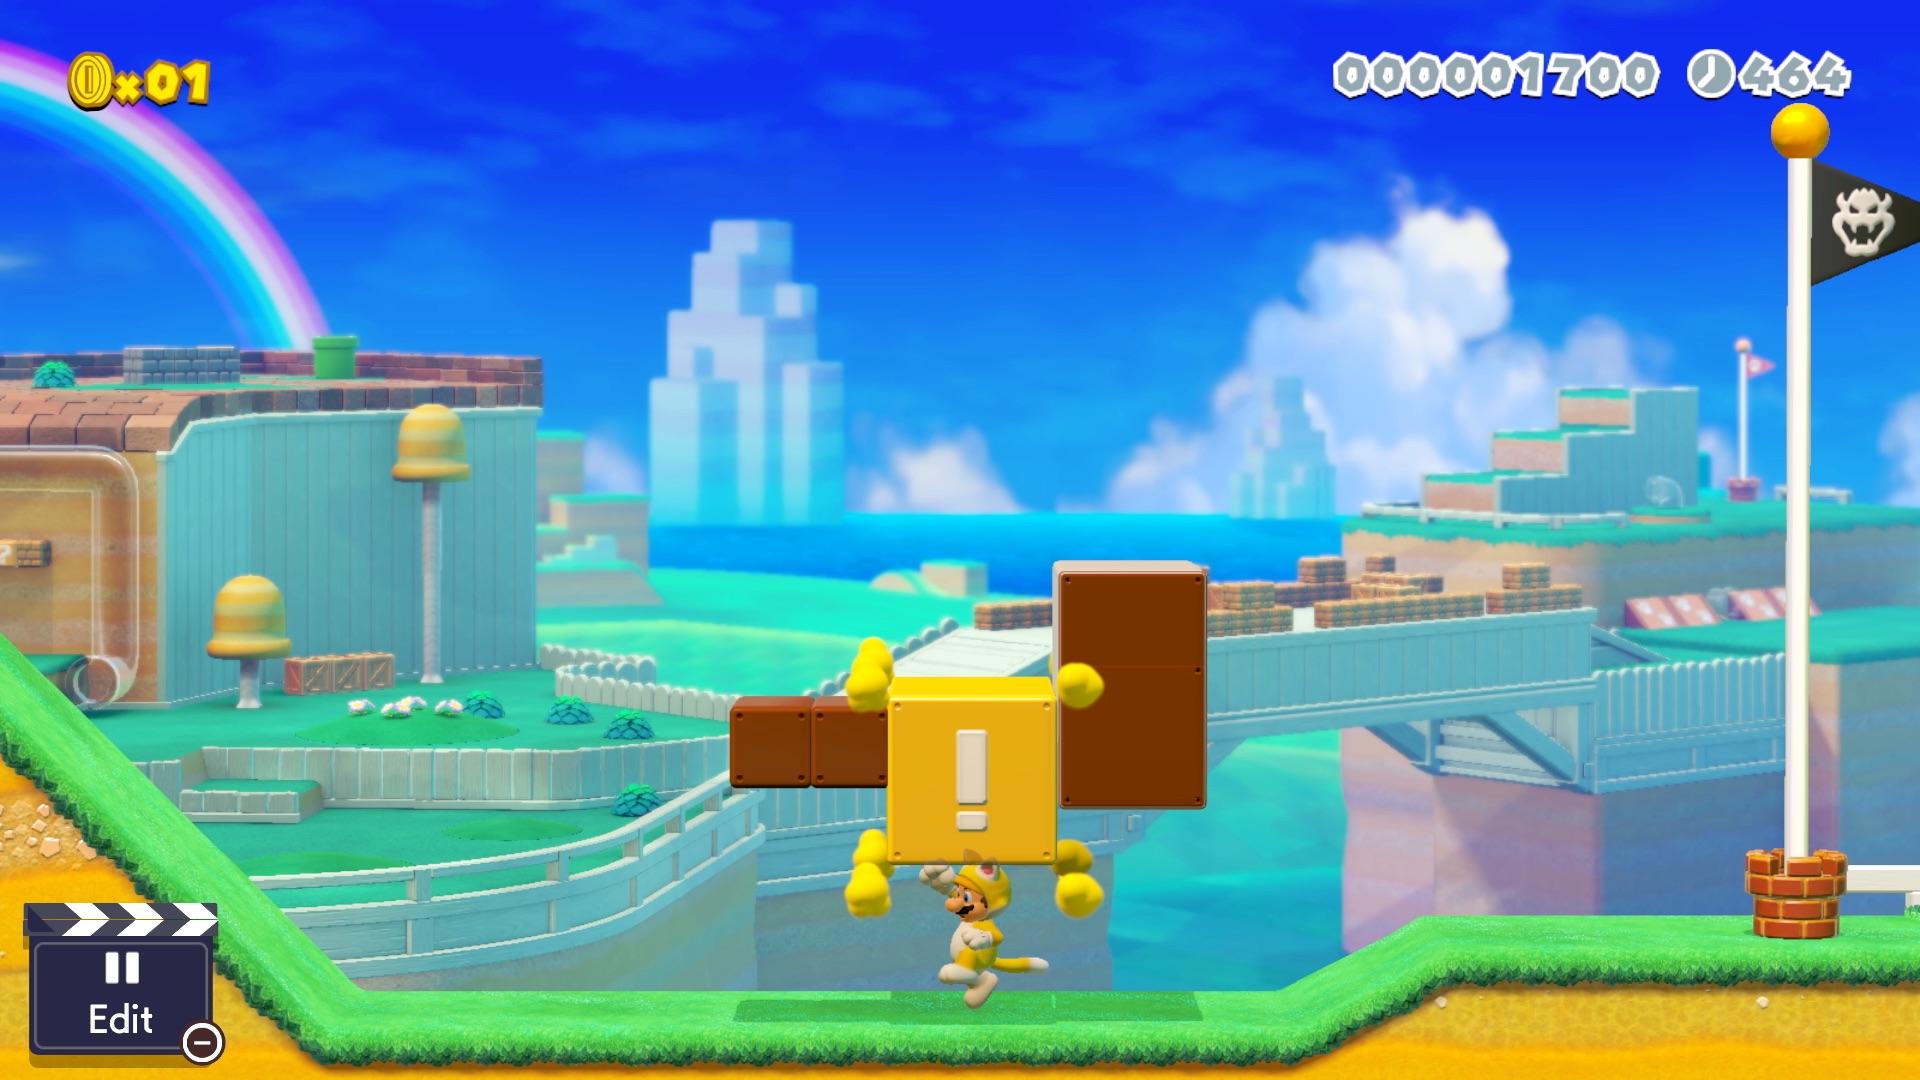 Super Mario Maker 2 Screenshot 14